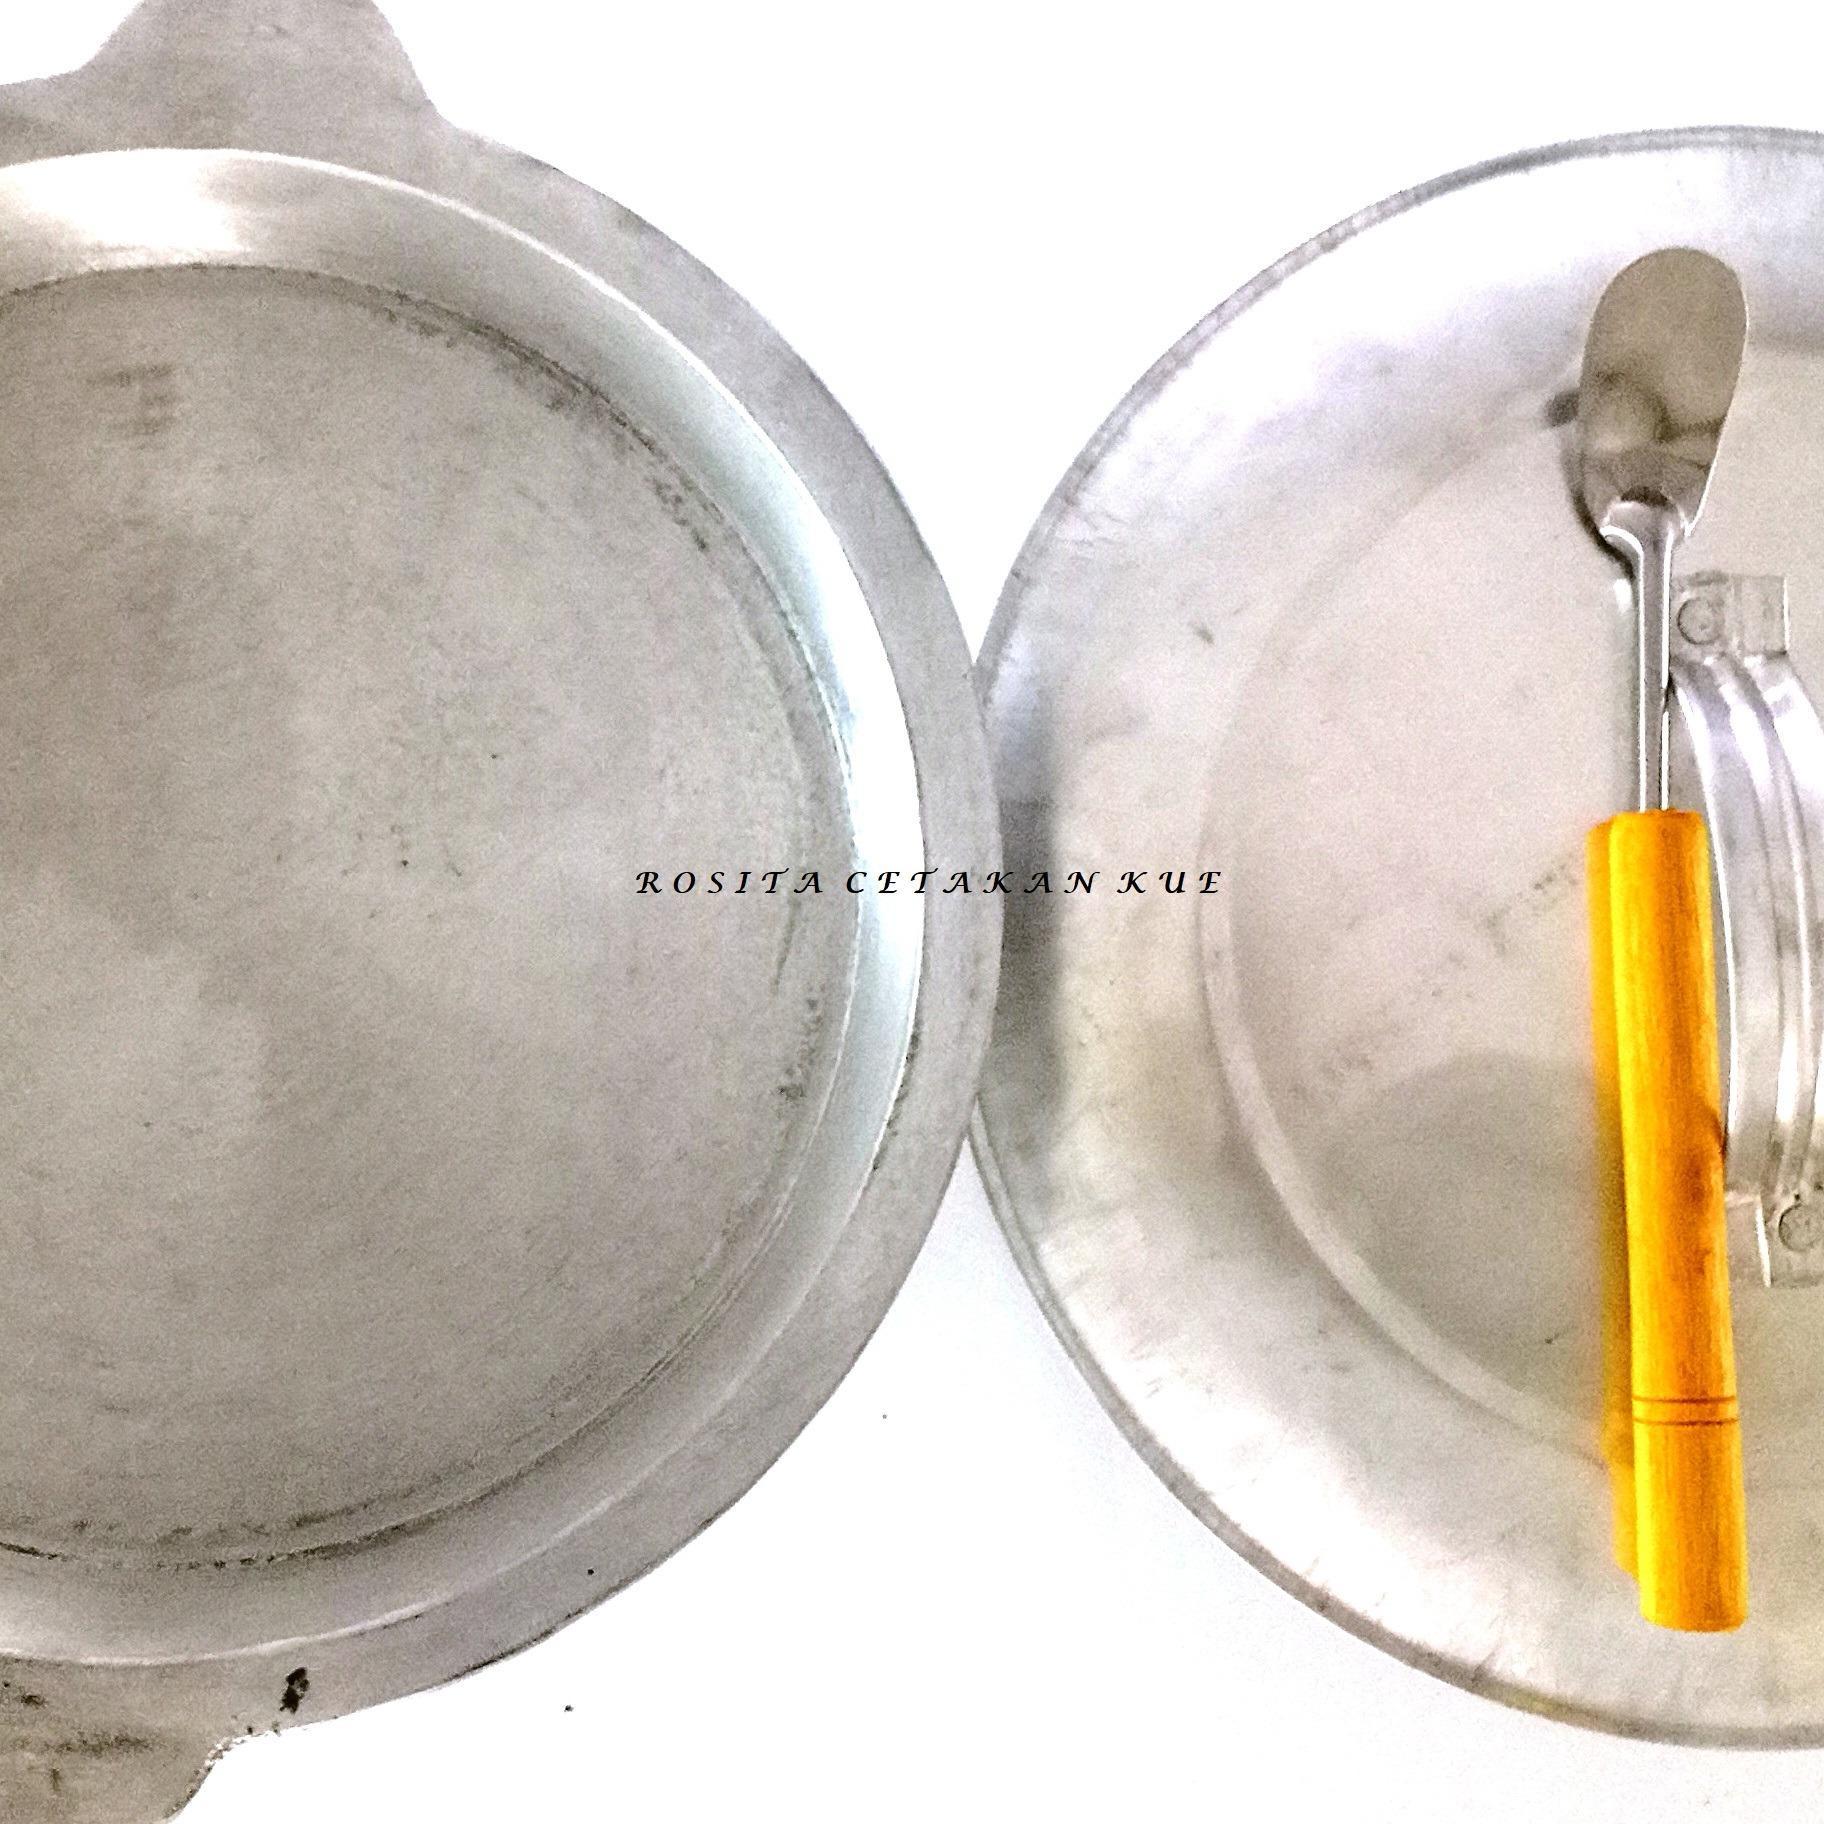 Spek Eddy Rosita Cetakan Kue Terang Bulan Martabak Manis 21 5Cm Tb Dan Tutup